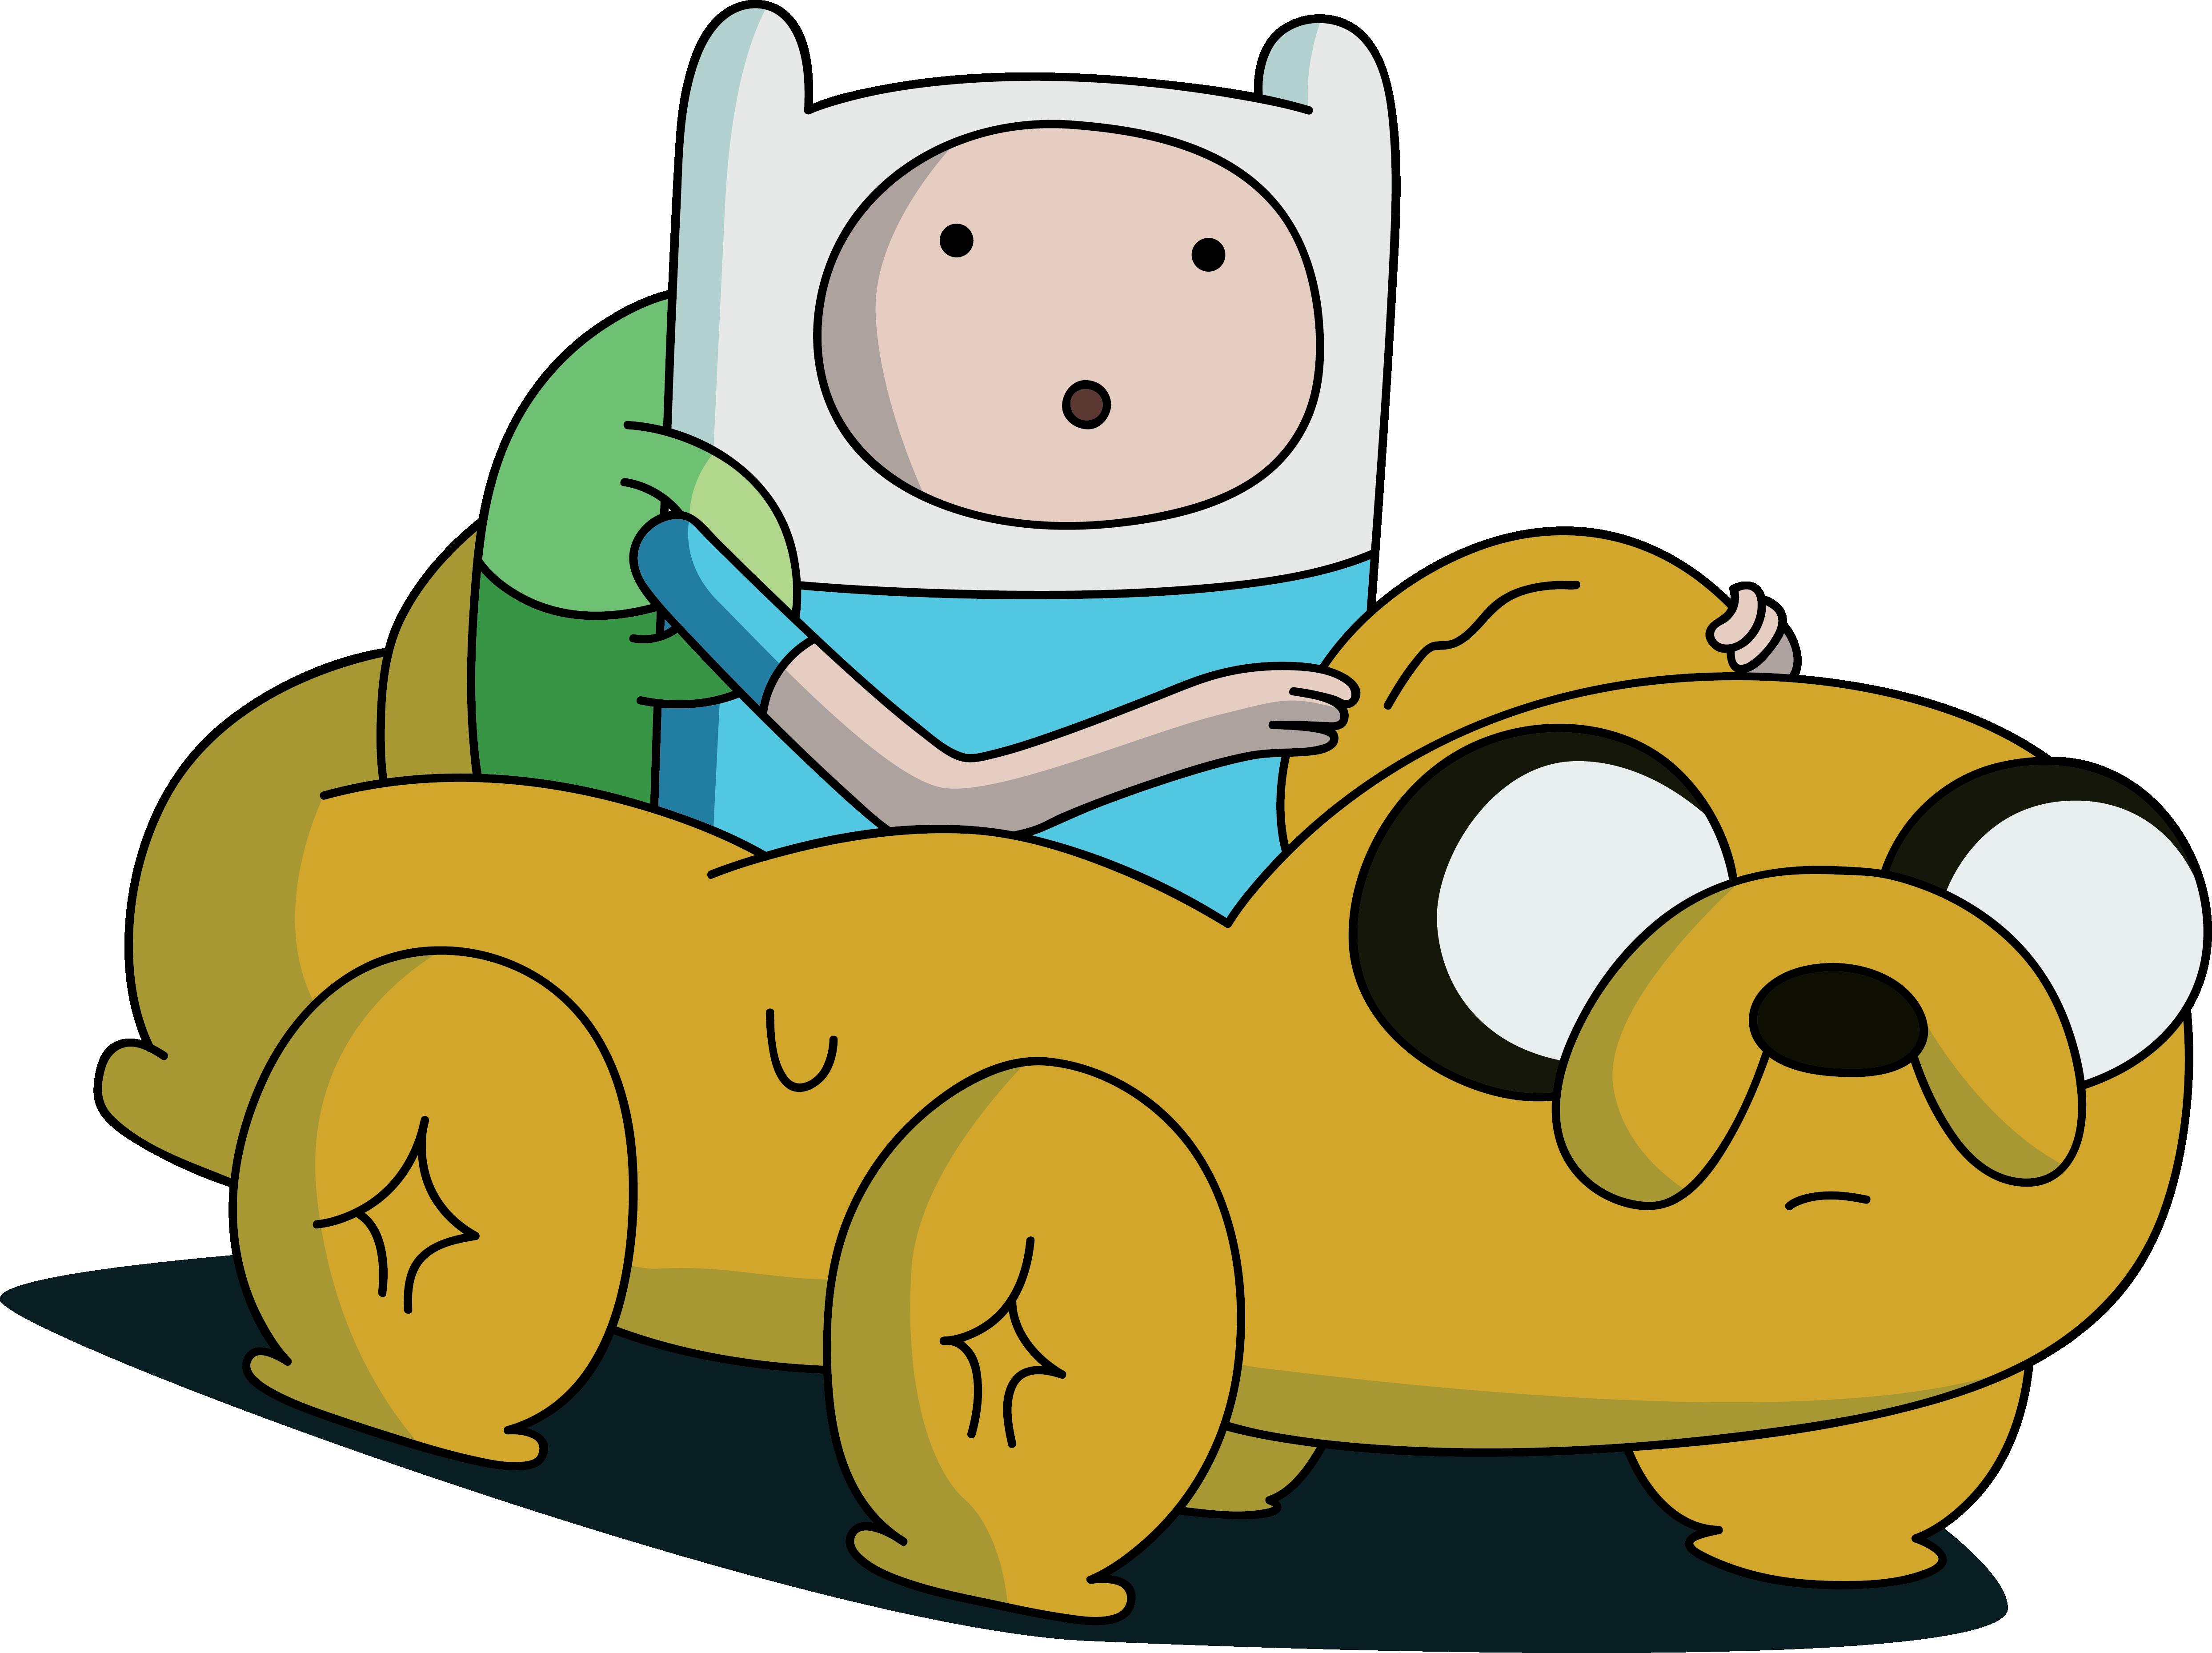 Racecar Jake by sircinnamon